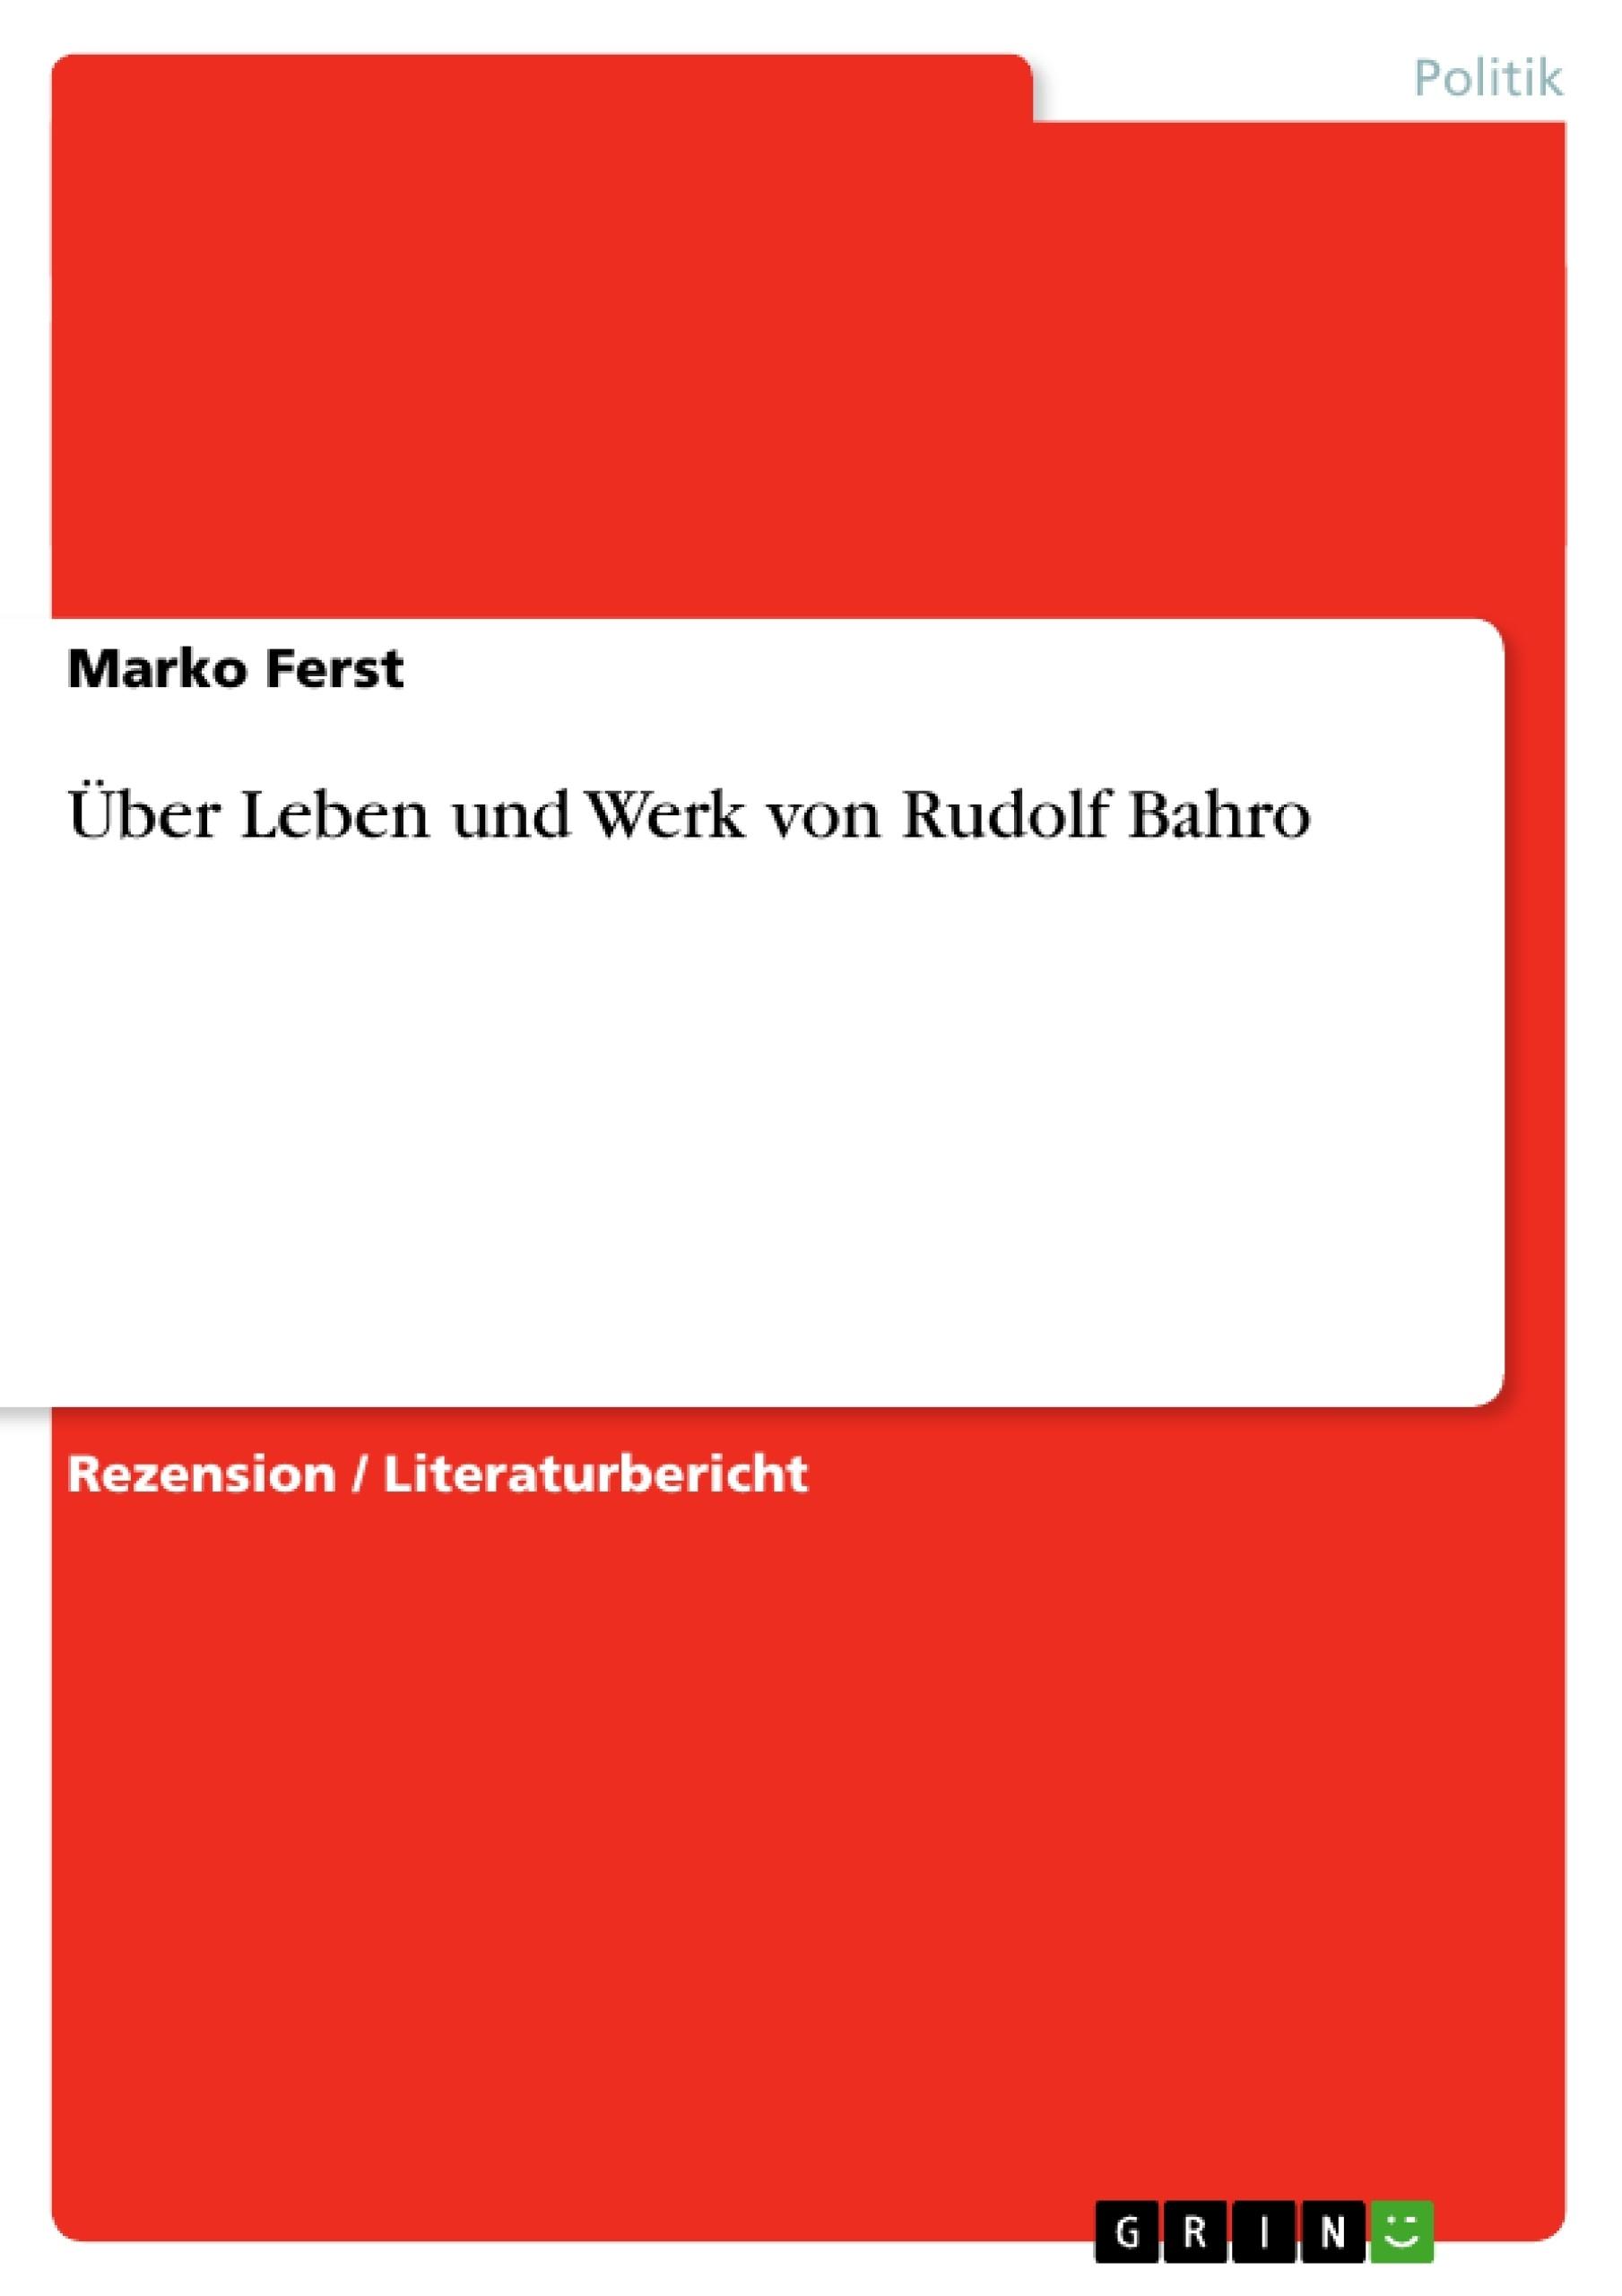 Titel: Über  Leben und Werk von Rudolf Bahro